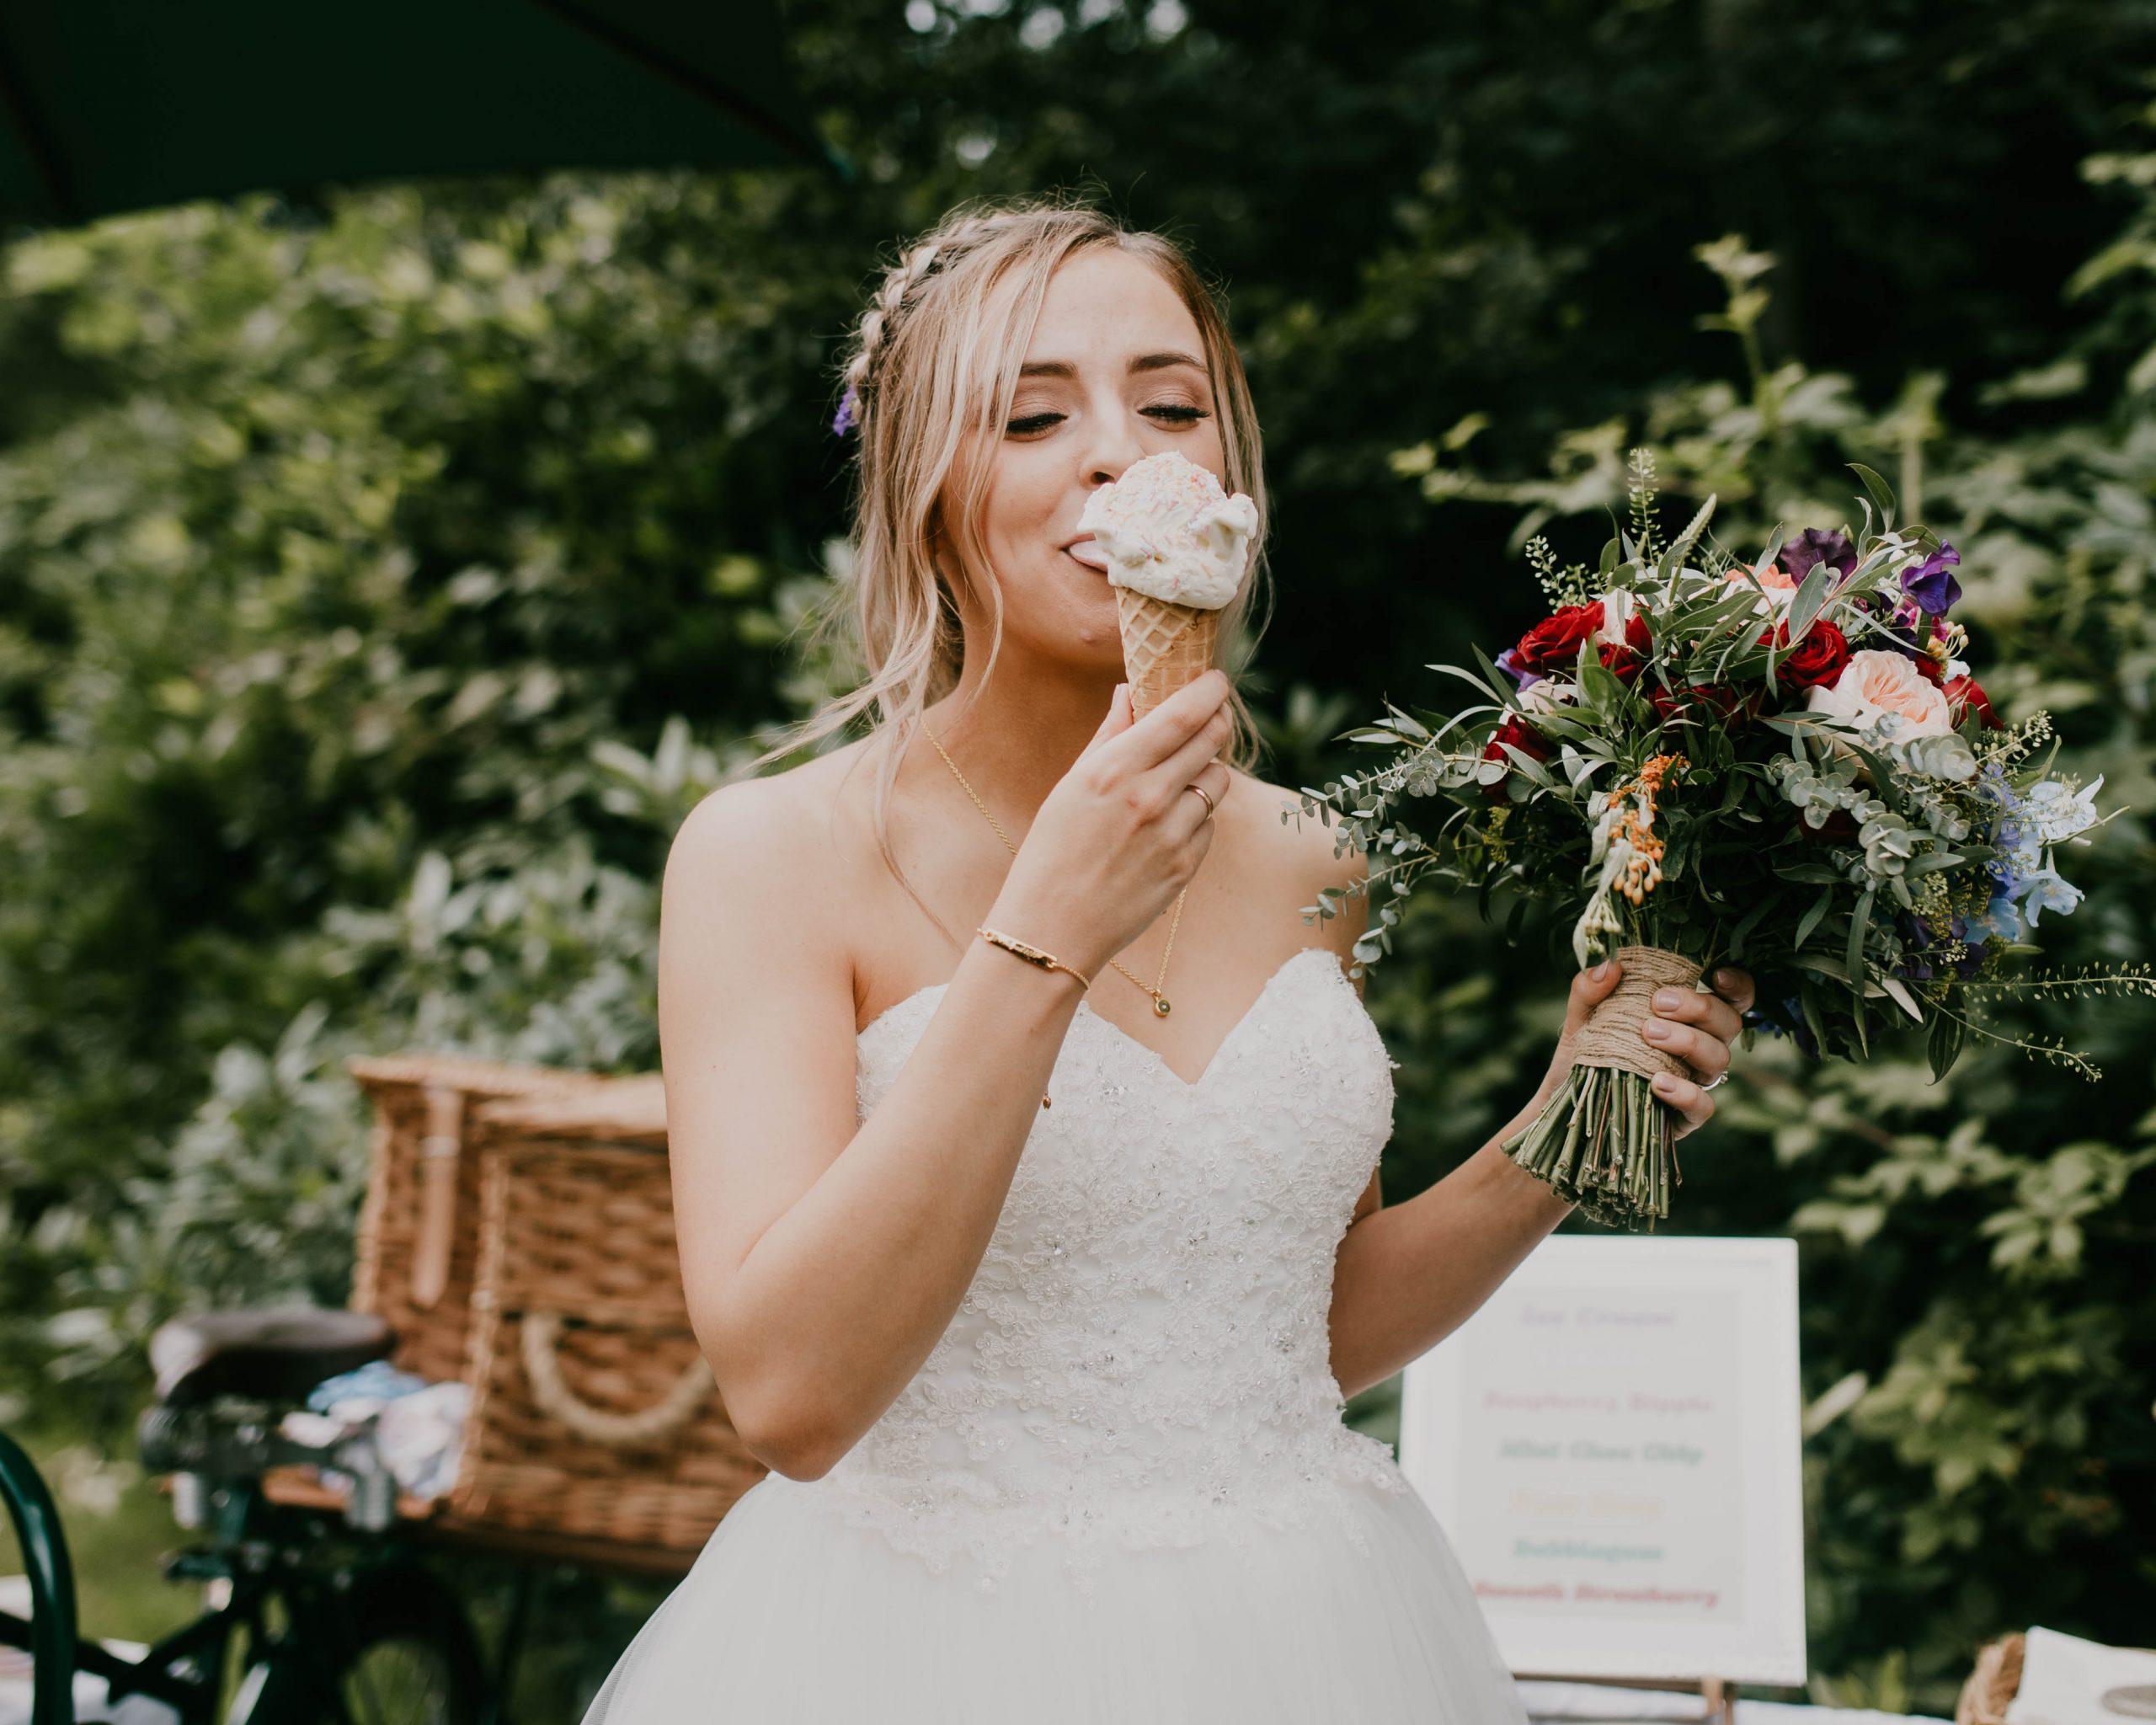 bride eating ice cream, lancashire wedding photography